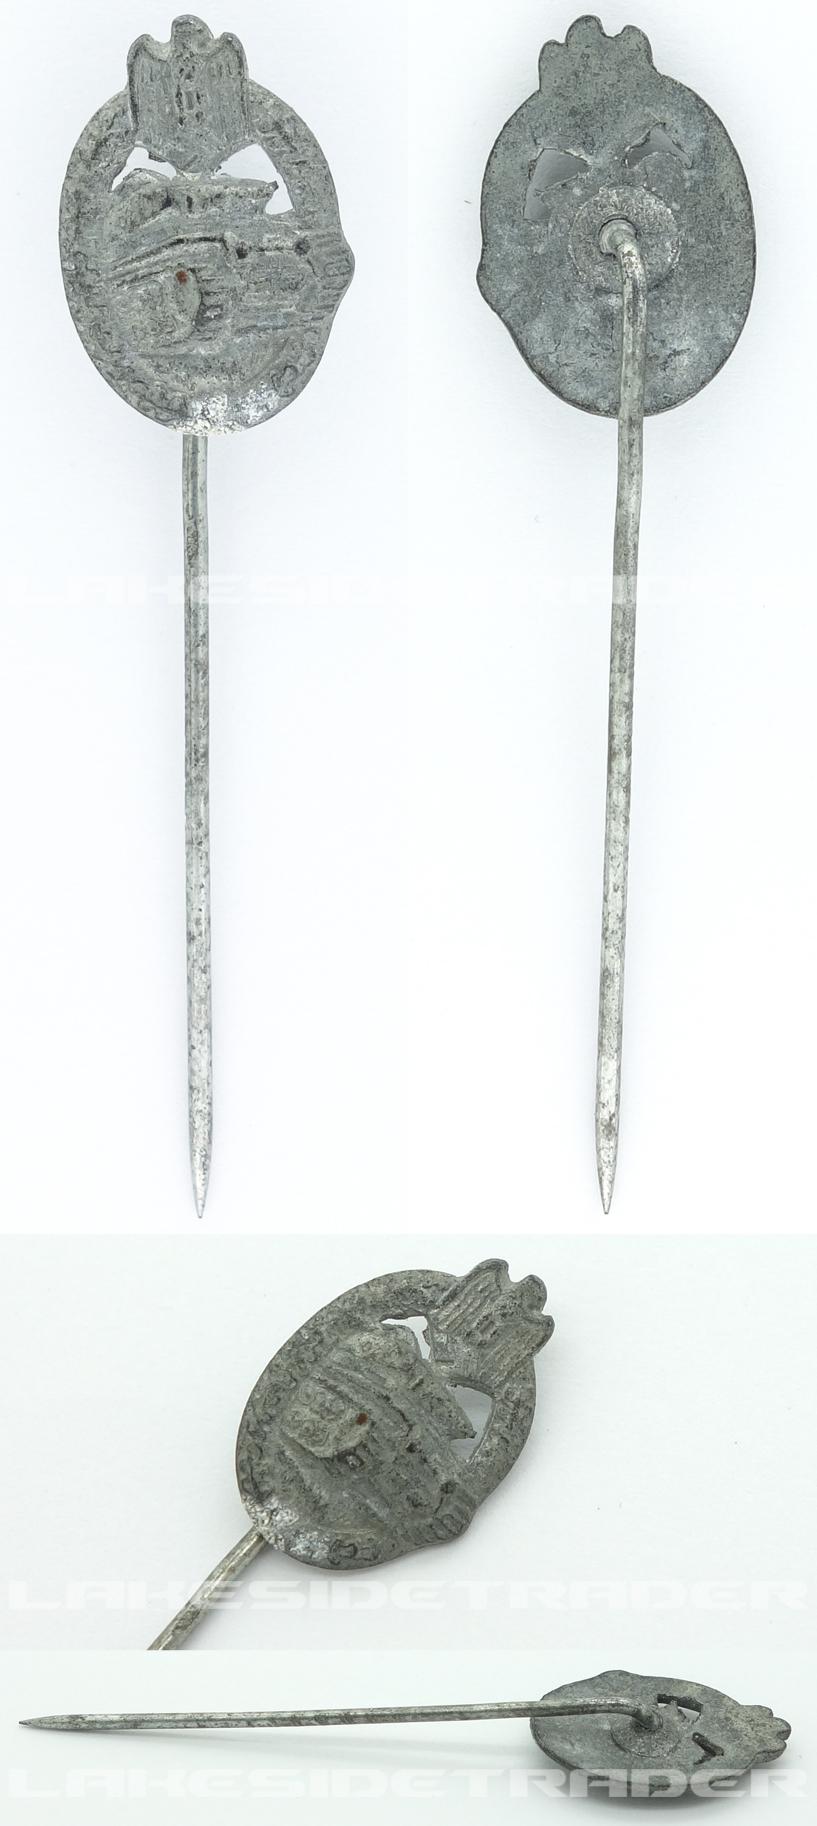 Stickpin - Silver Panzer Assault Badge